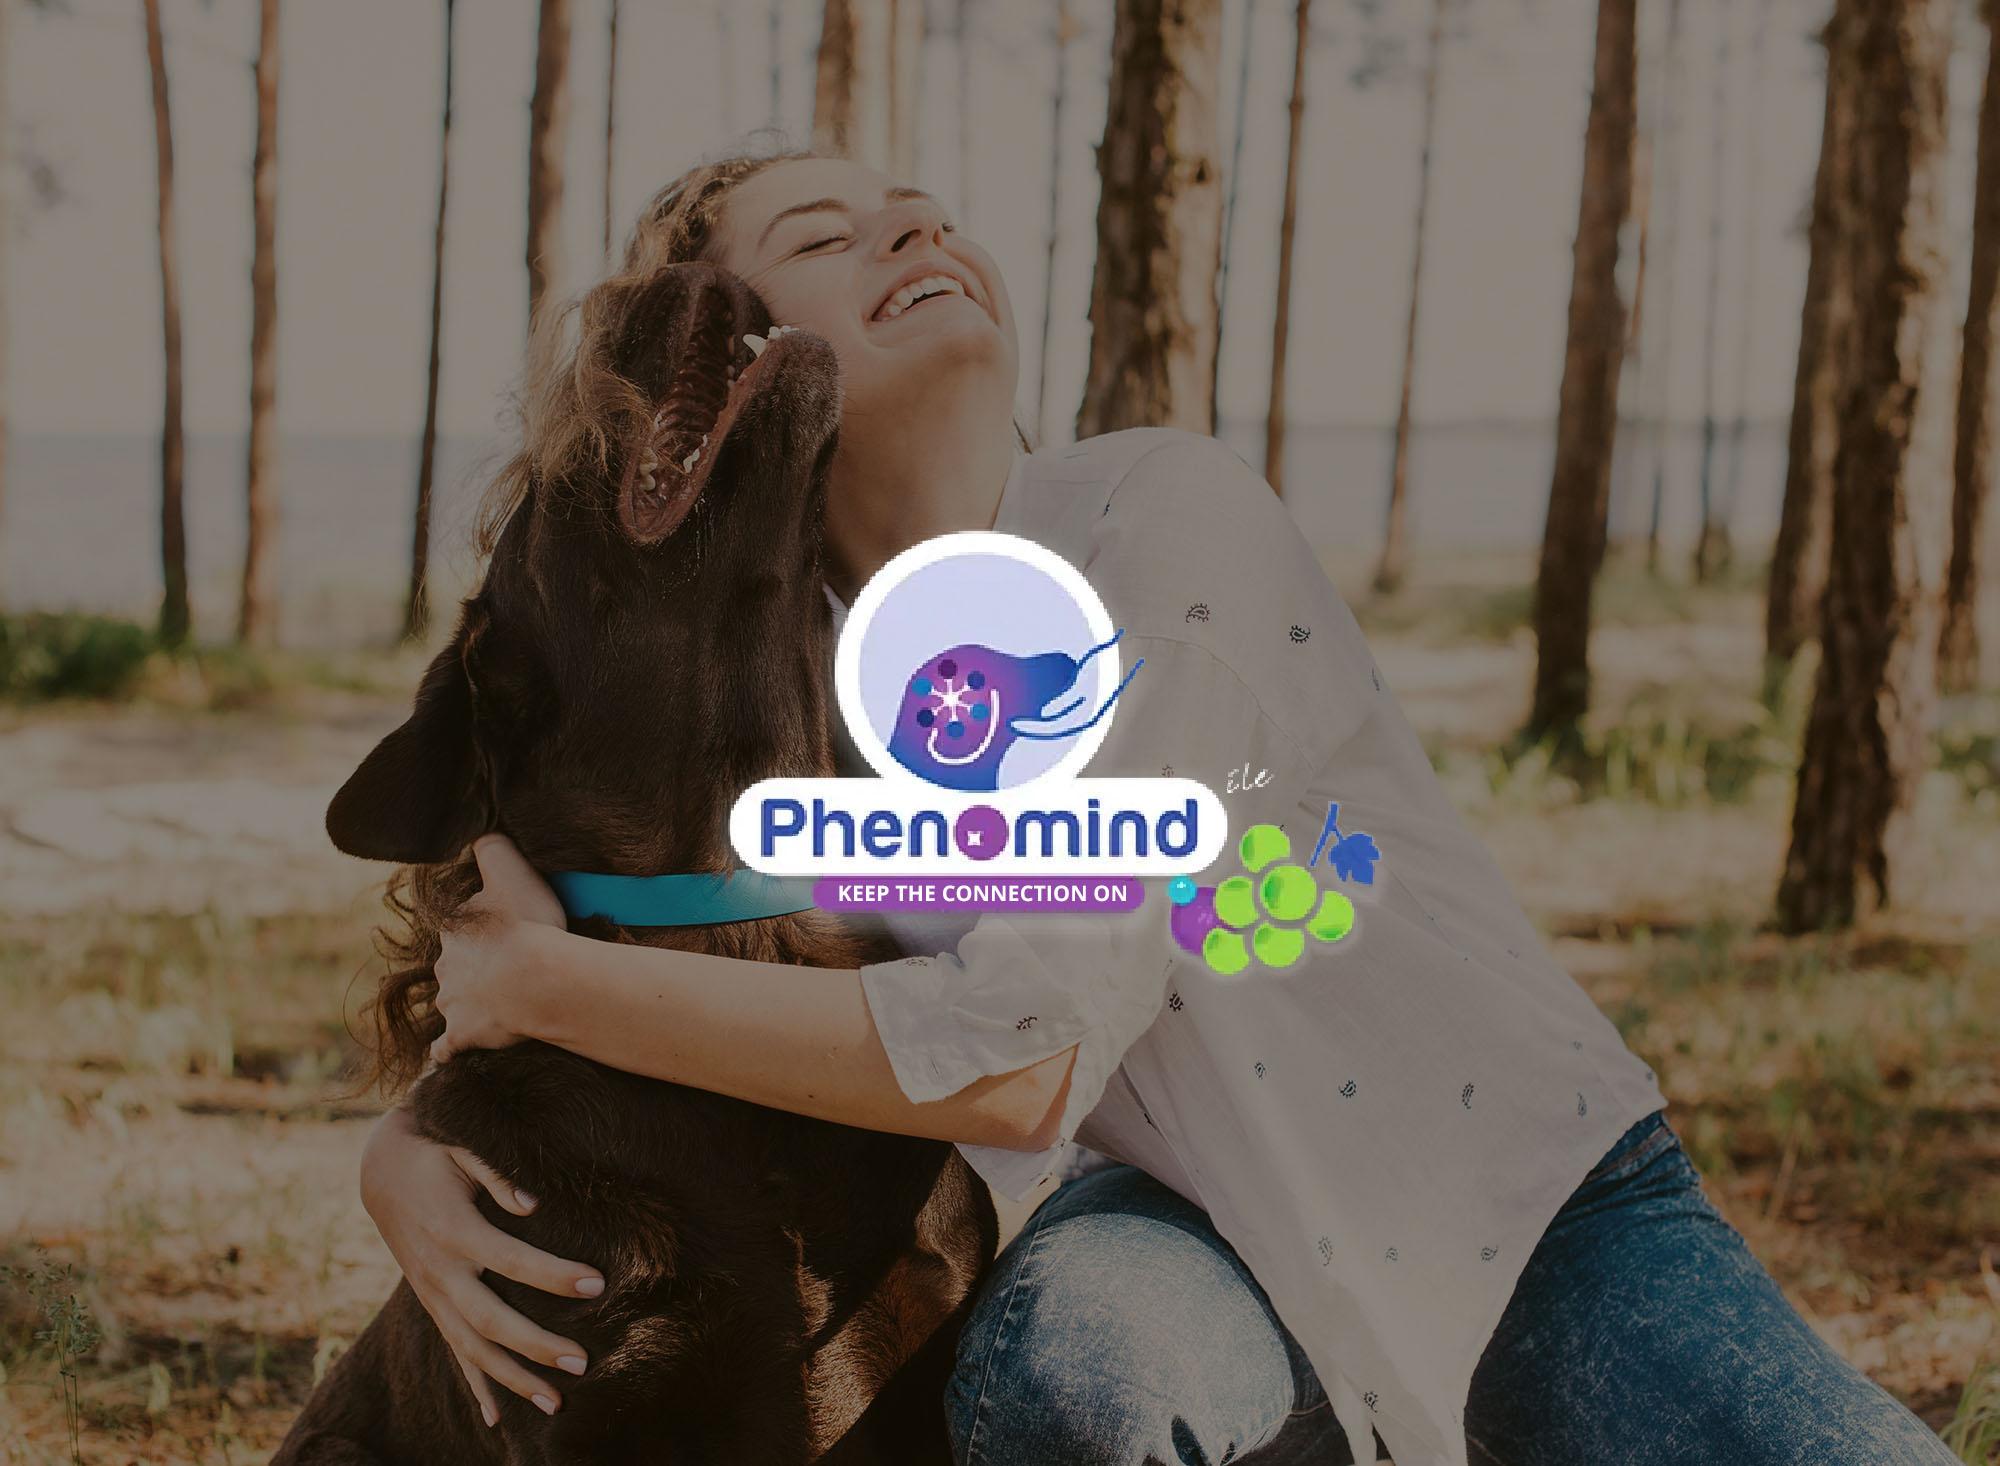 Phenomind, de ultieme formule